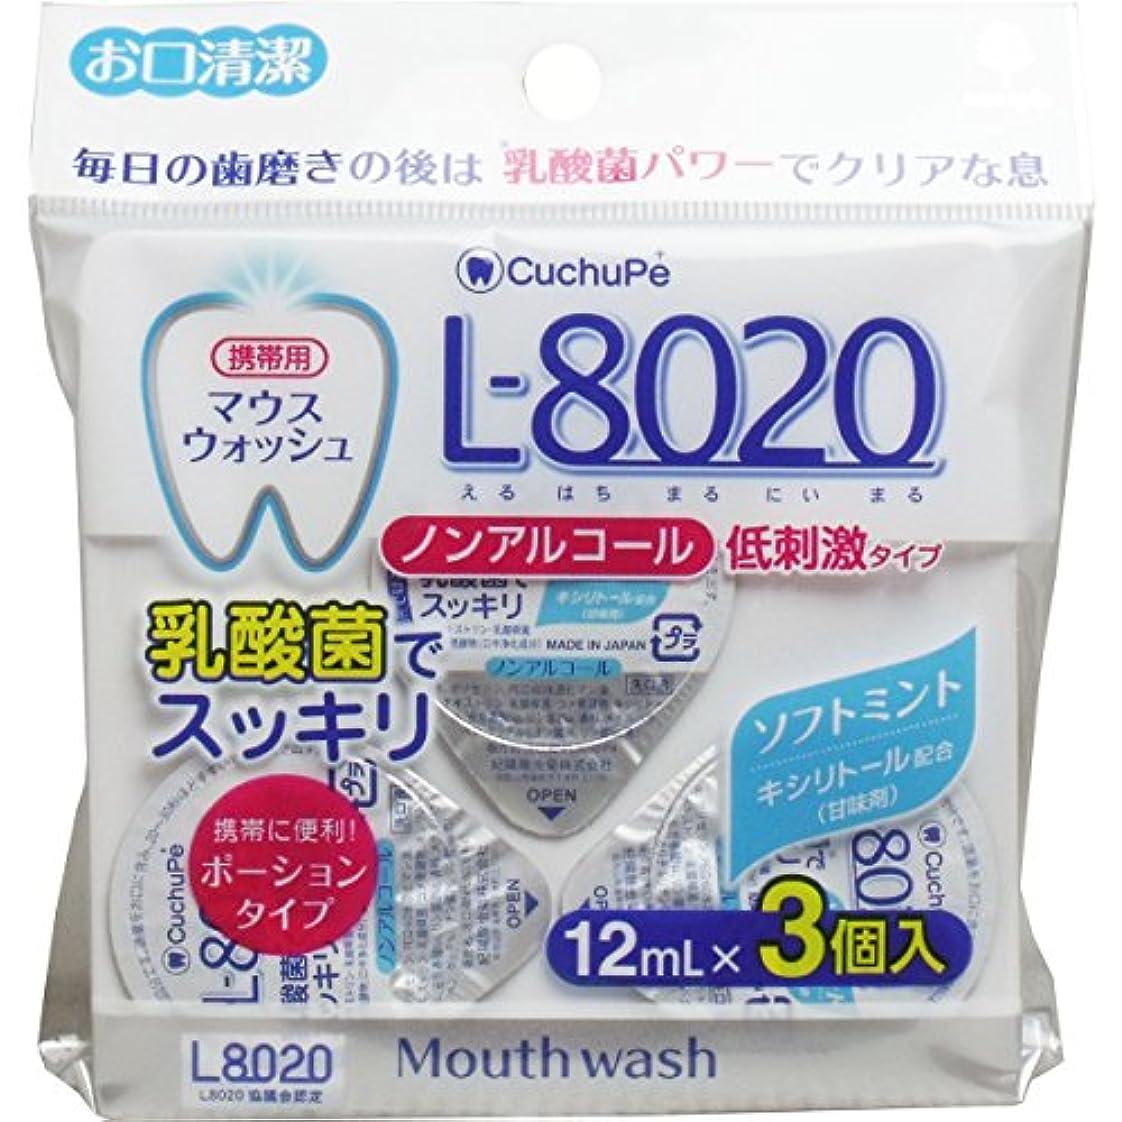 浸透するバイアス香水クチュッペ L-8020 マウスウォッシュ ソフトミント ポーションタイプ 3個入 紀陽除虫菊